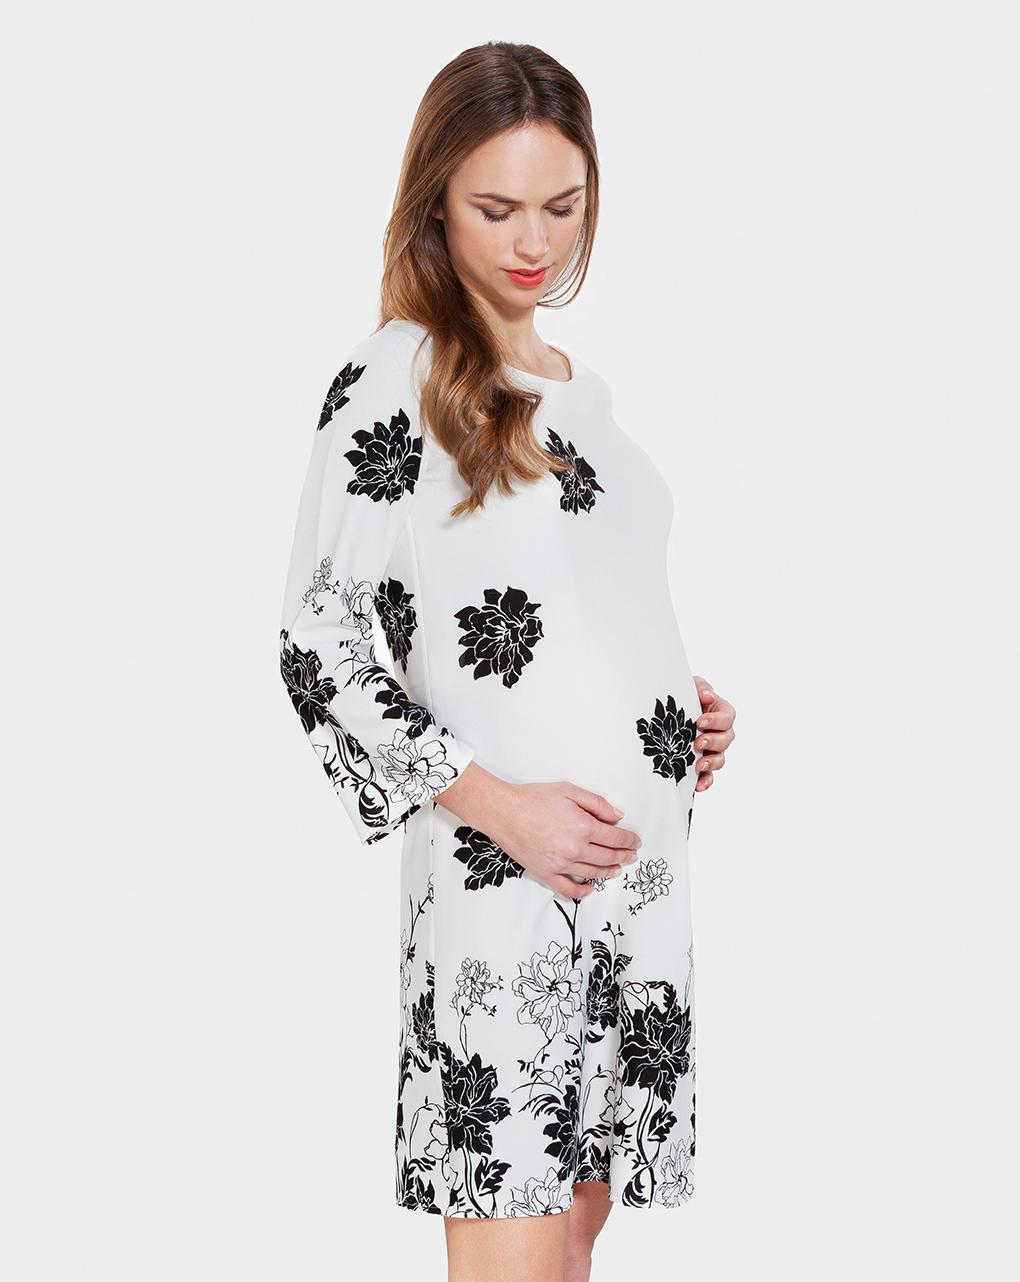 Γυναικείο Φόρεμα Εκρού με Λουλούδια